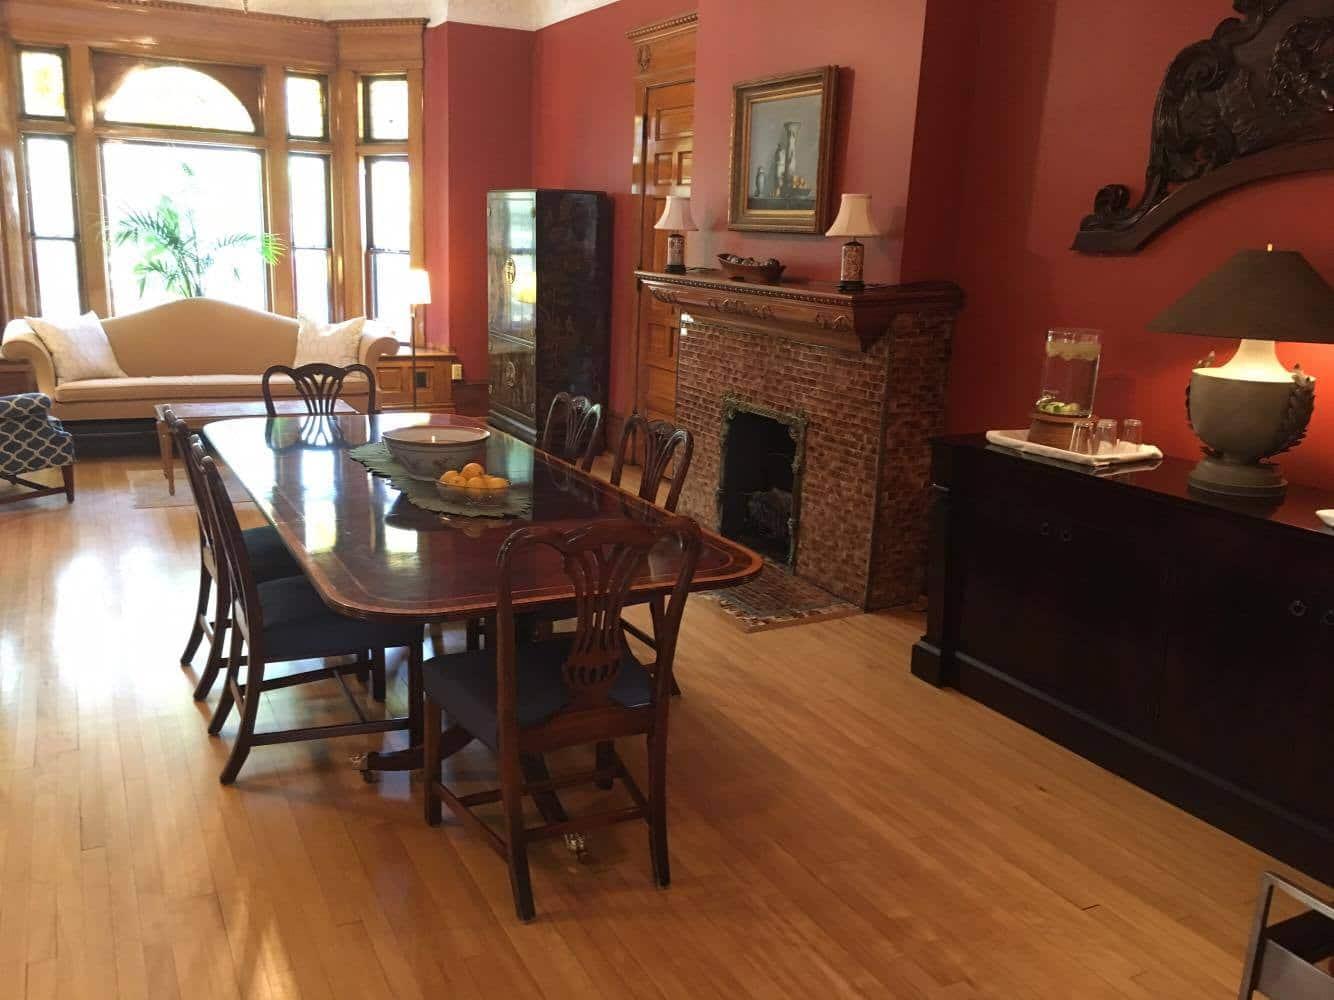 The Breakfast Room of Castle La Crosse Bed and Breakfast. Join Us!